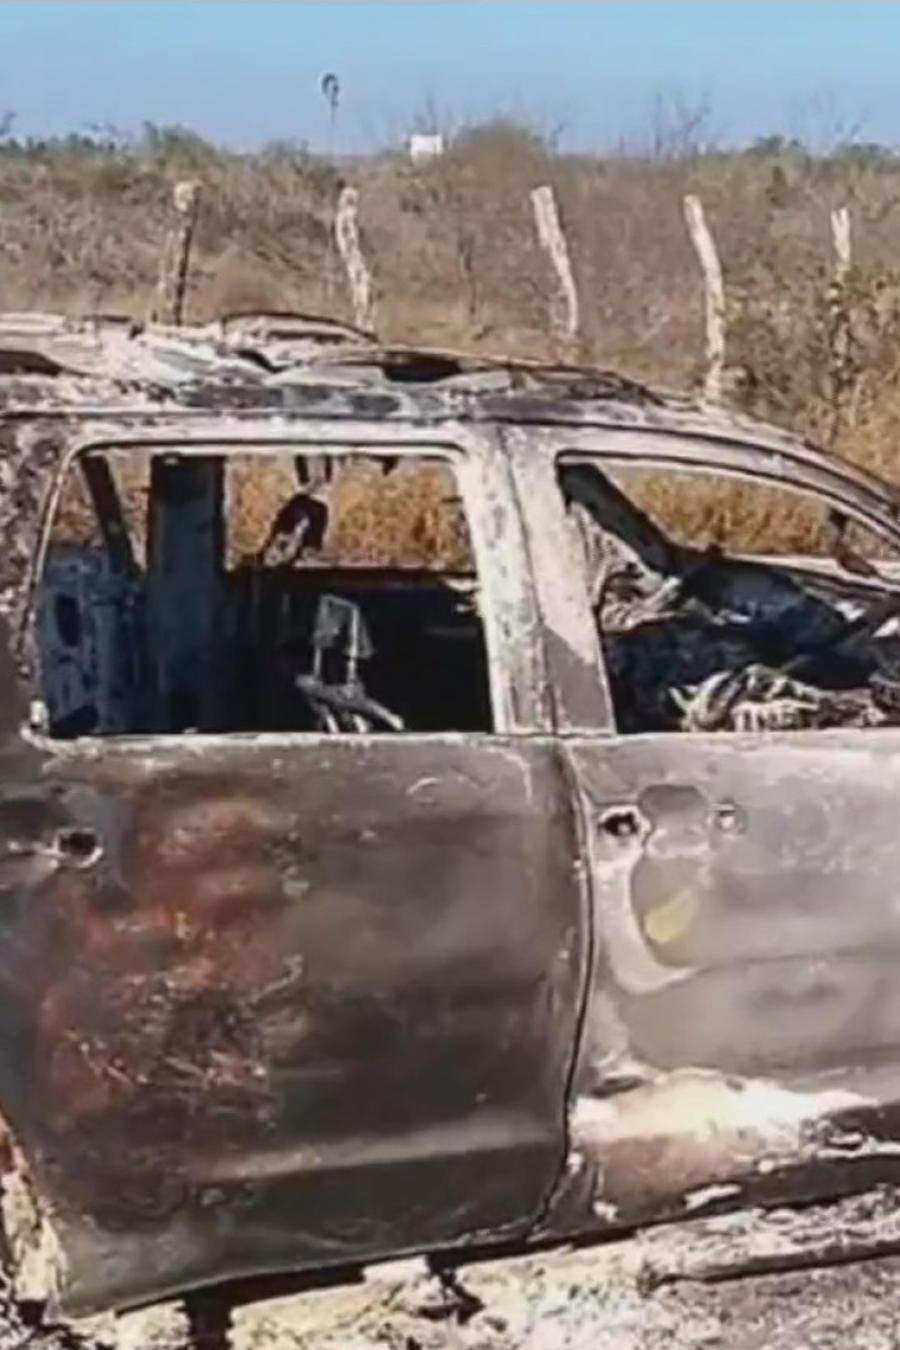 Camioneta quemada con 19 cadáveres de inmigrantes en Tamaulipas, México